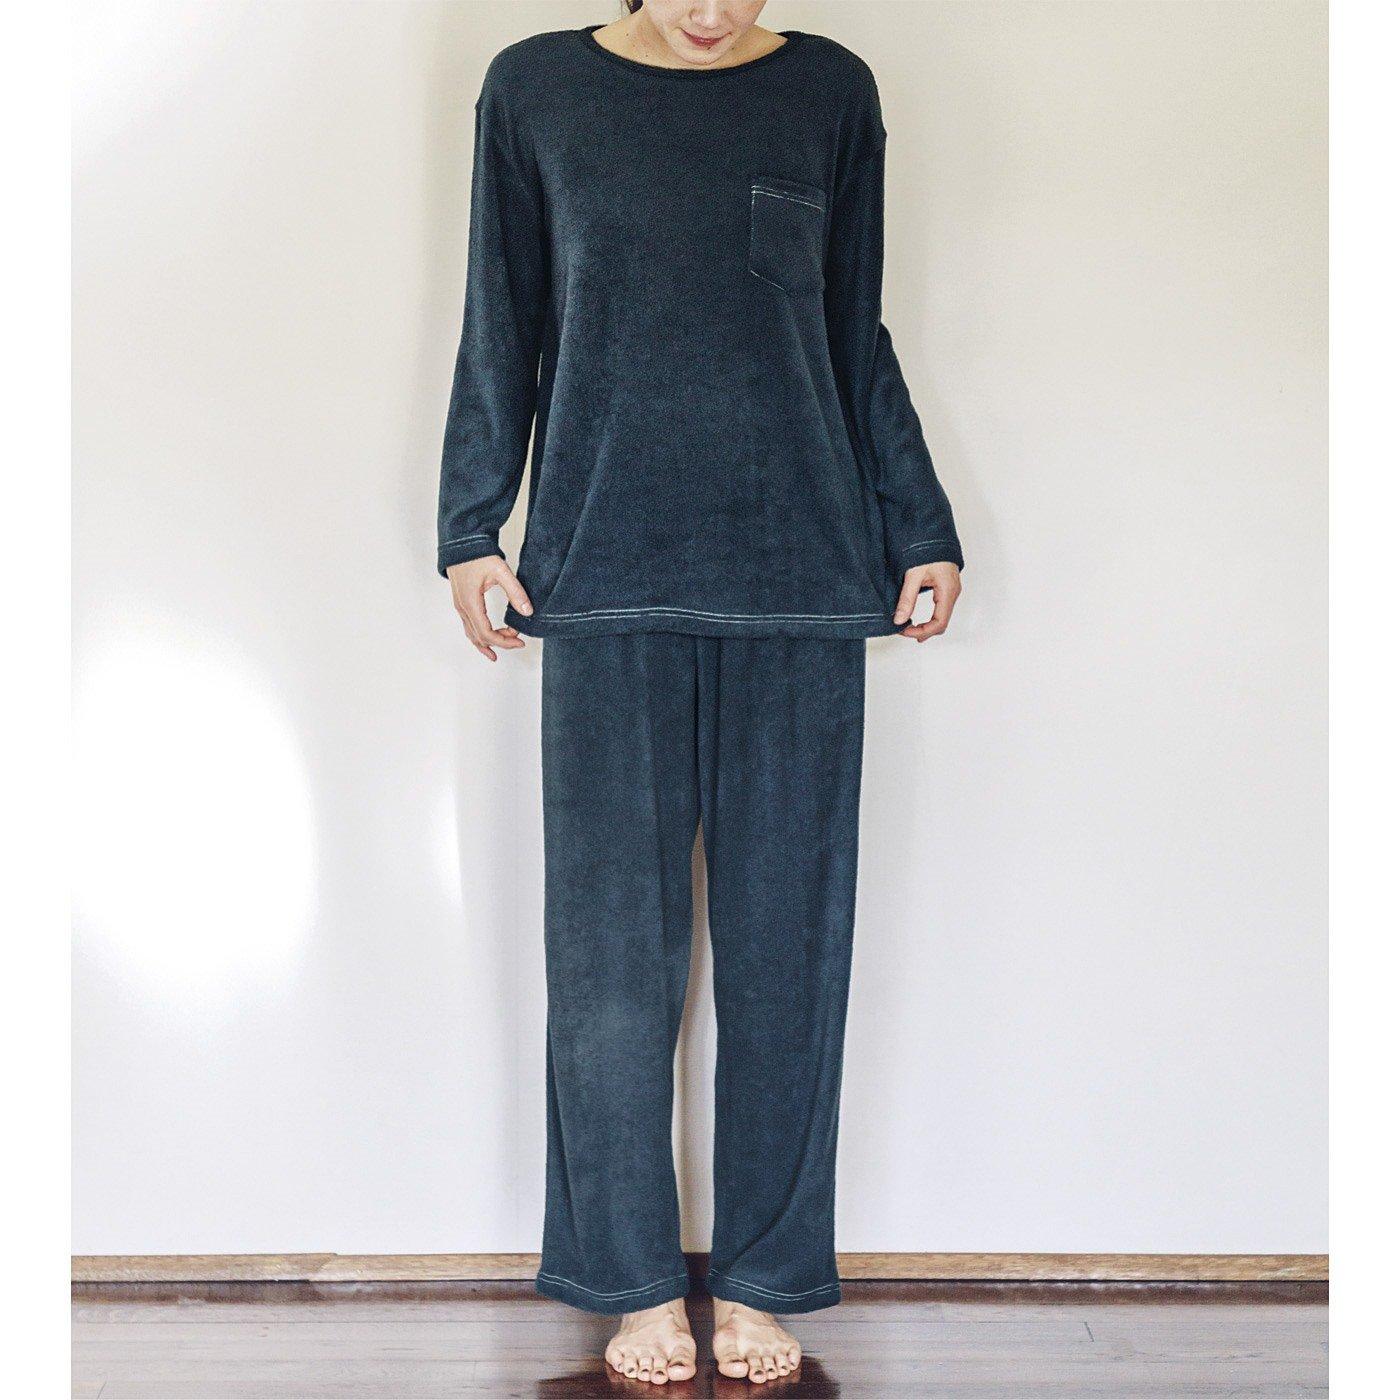 古着屋さんで見つけたような両面パイルのやわらかパジャマ〈ヴィンテージネイビー〉